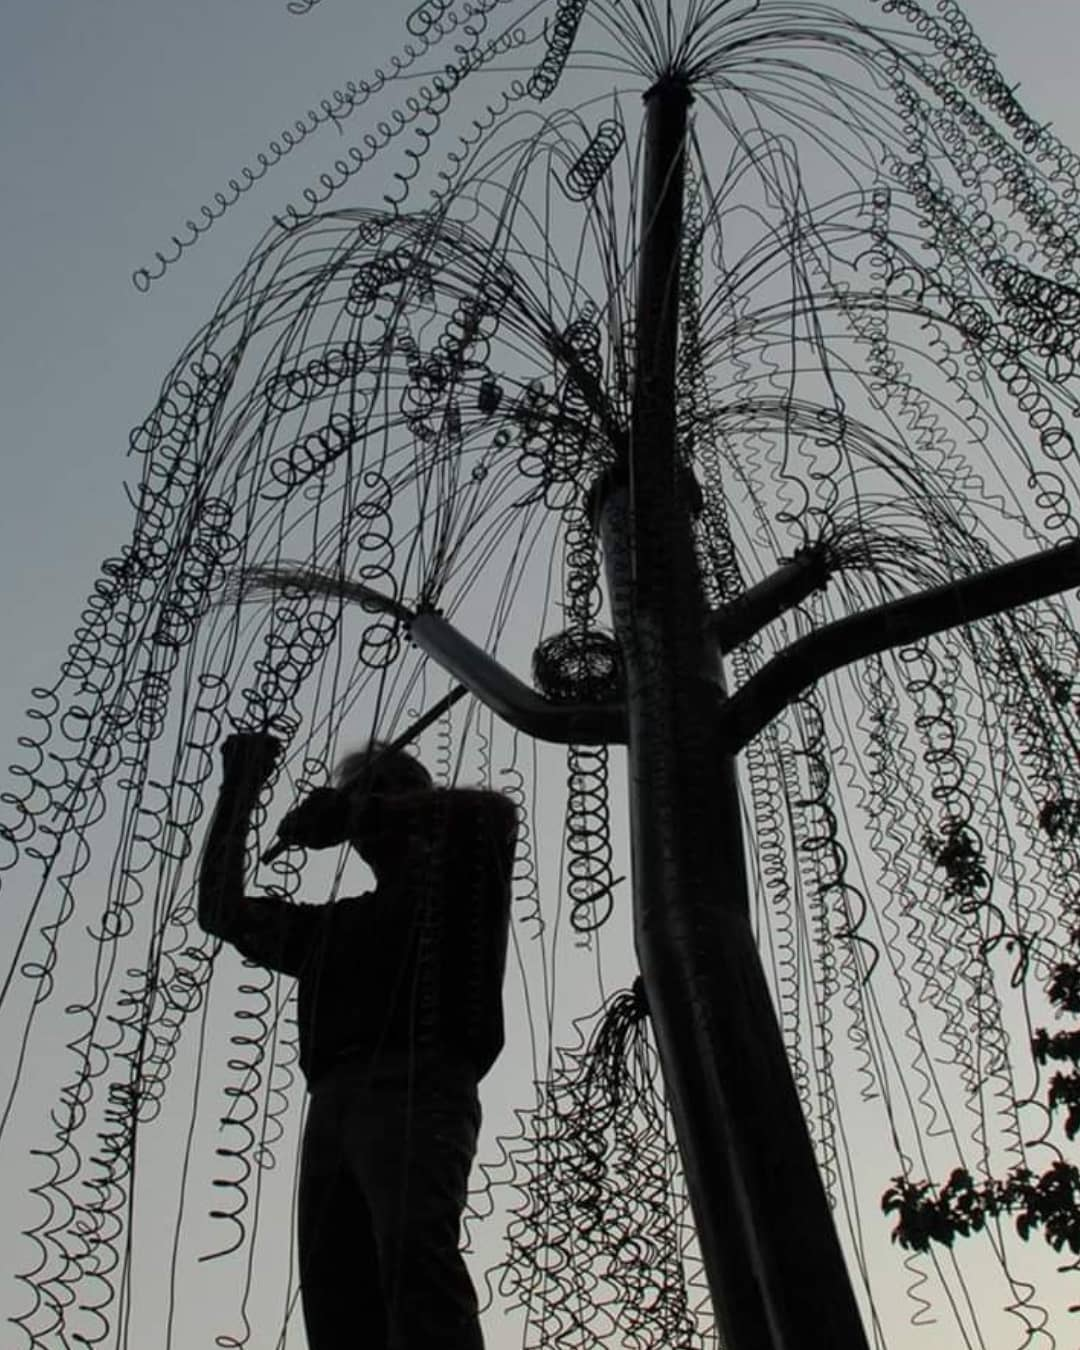 علی داوری در حال نصب مجسمه چوپان در خانه هنرمندان